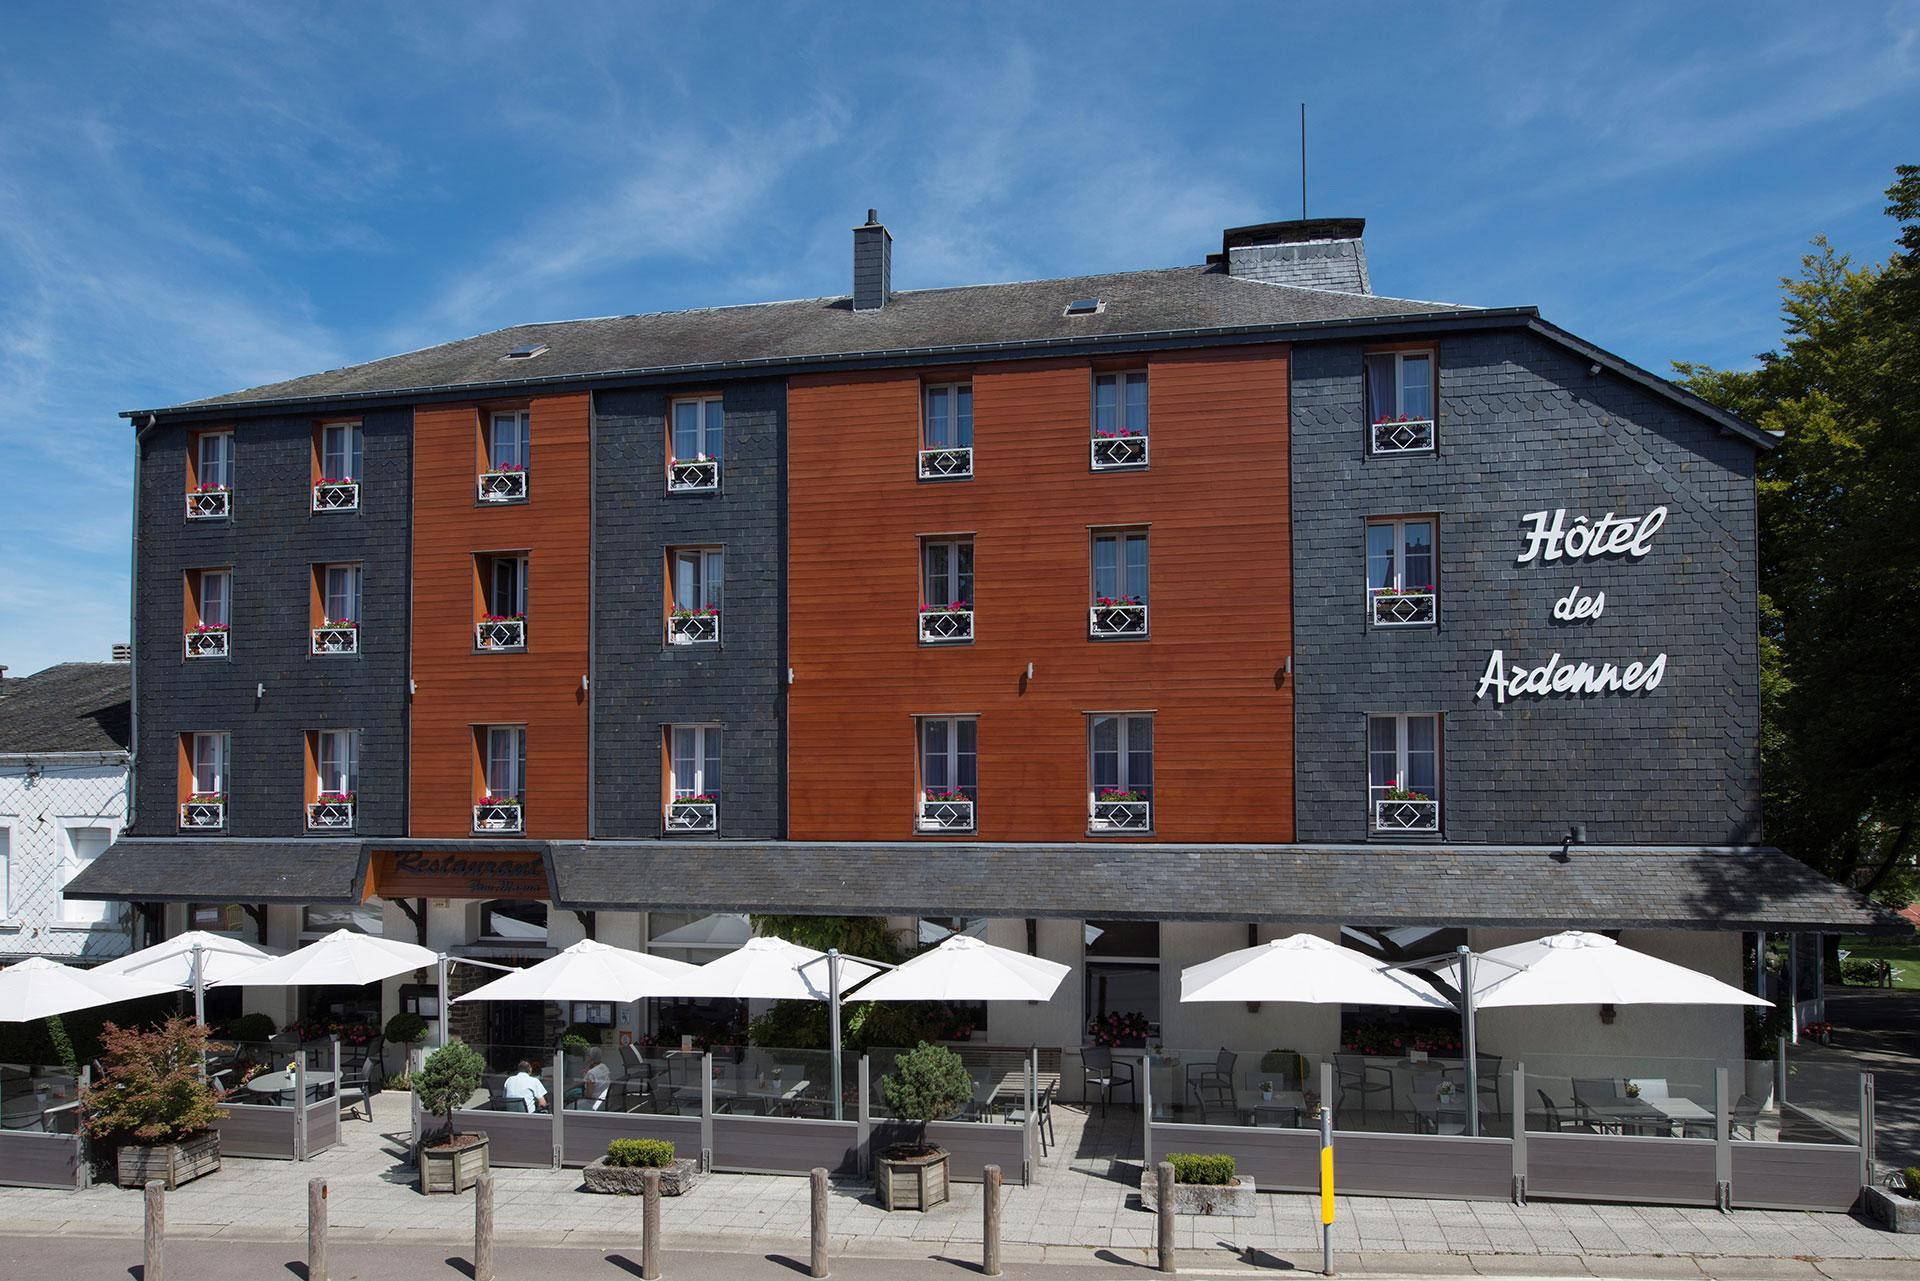 Hôtel - Restaurant - Ardennes - Corbion-sur-Semois - Wallonie terre d'eau